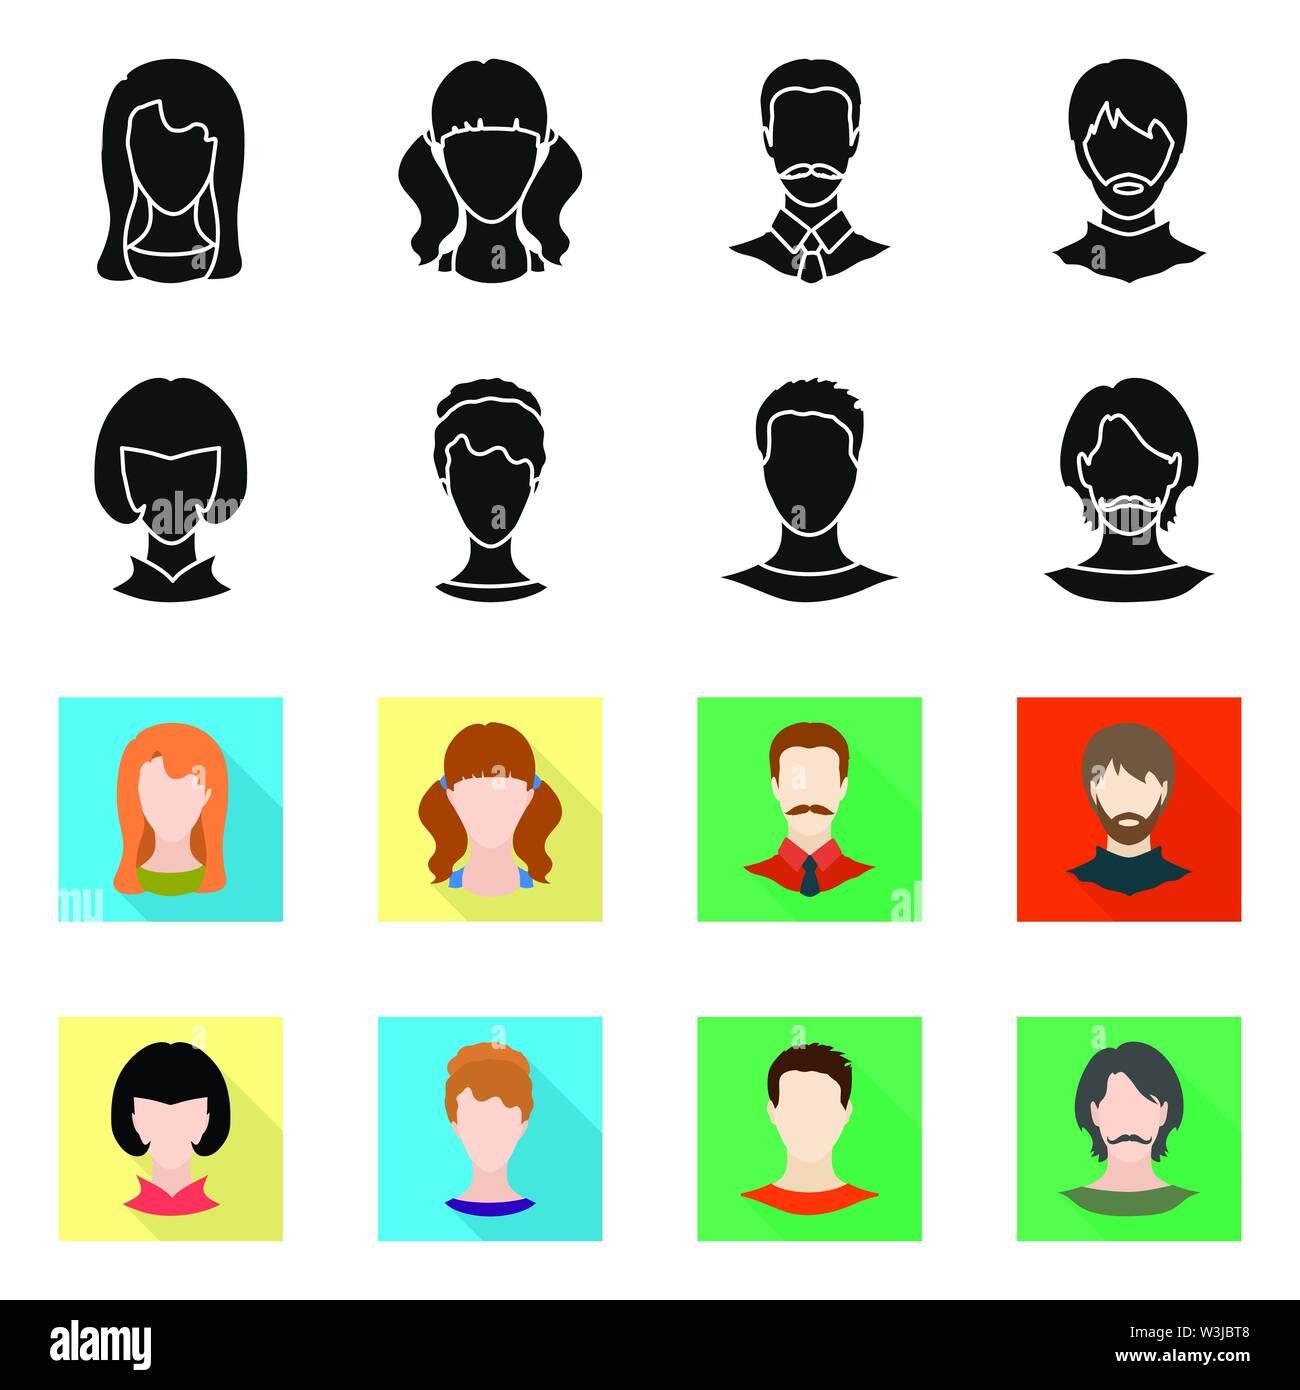 Vector Illustration von professionellen Foto- und unterzeichnen. Sammlung von Professionellen und Profil vektor Illustration. Stockbild